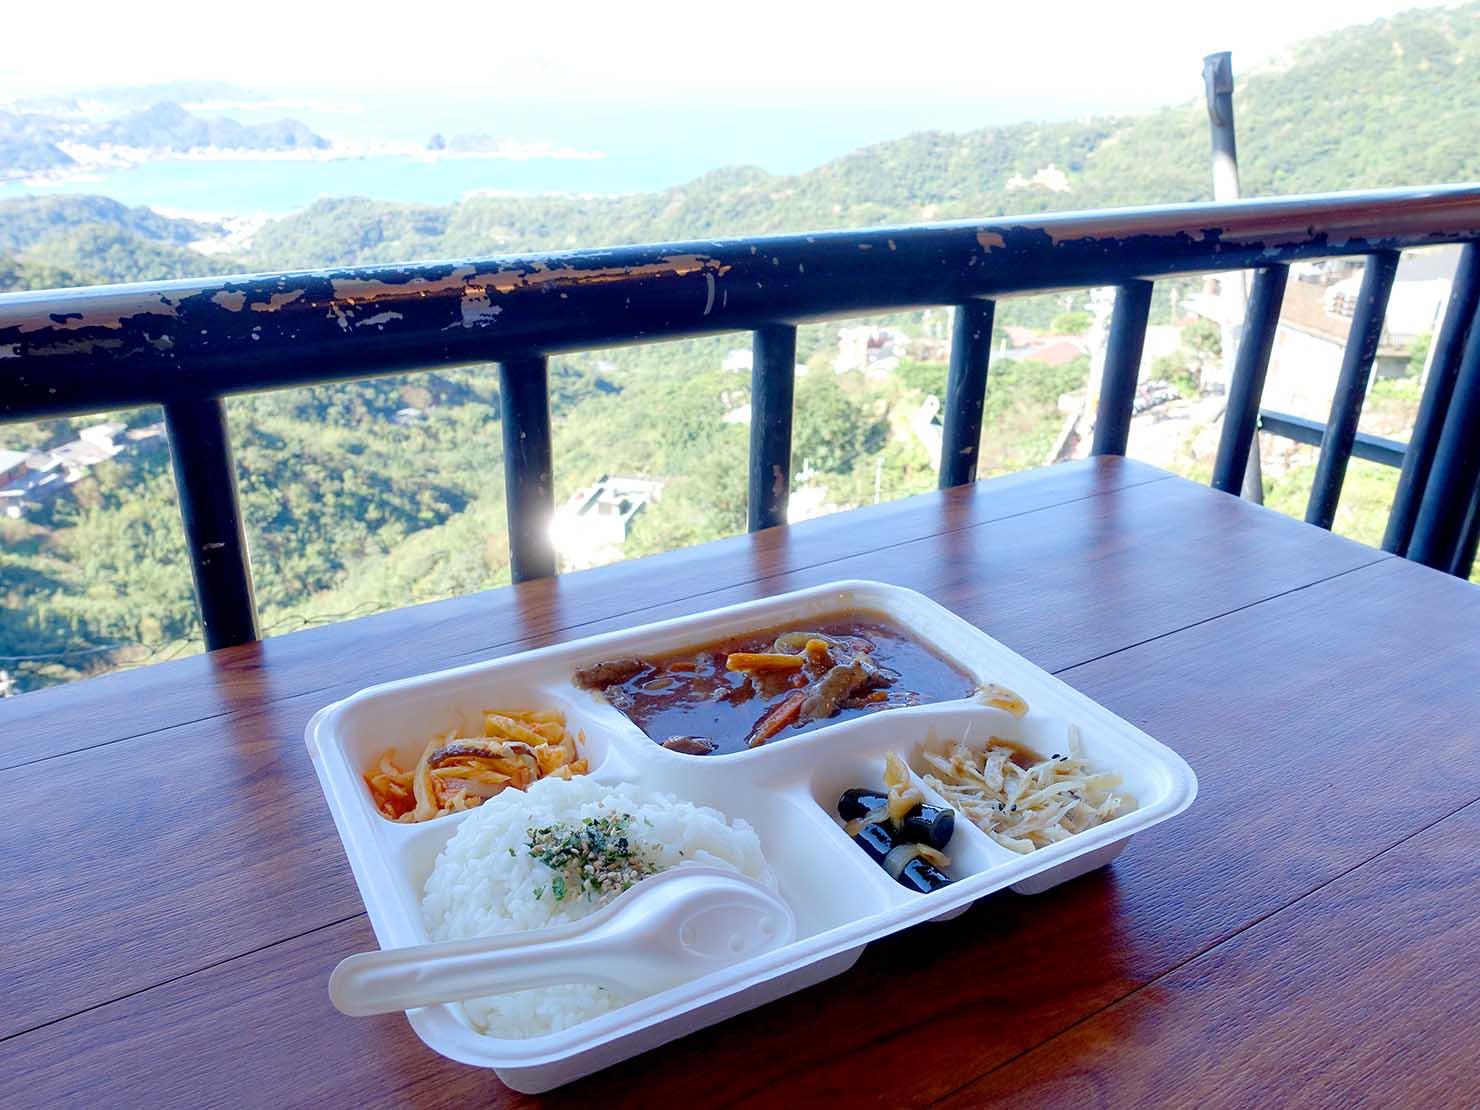 台北・九份の海の見えるレストランでいただく食事